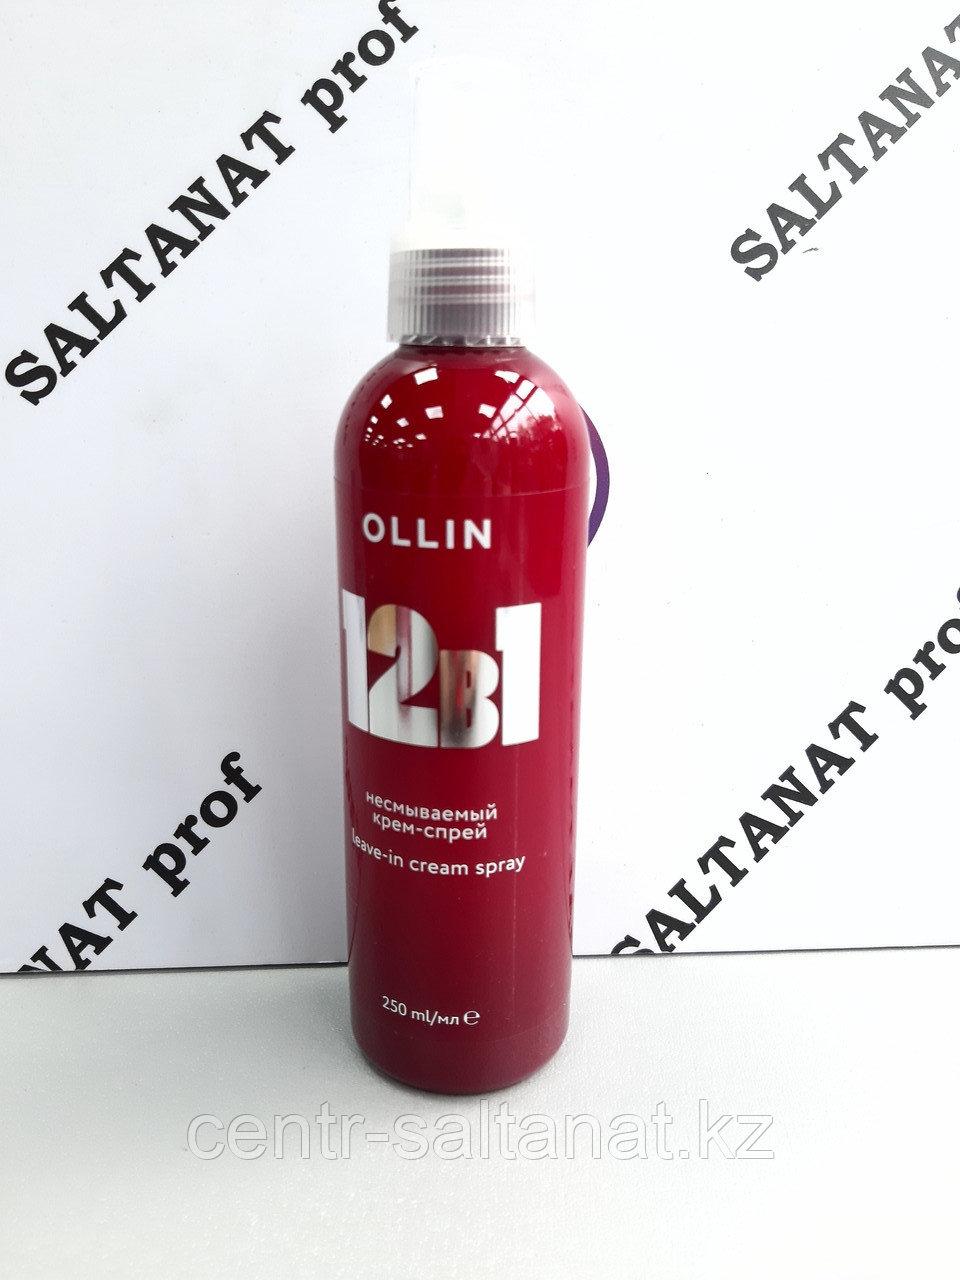 Несмываемый крем-спрей 12 в 1 для волос 250 мл Ollin